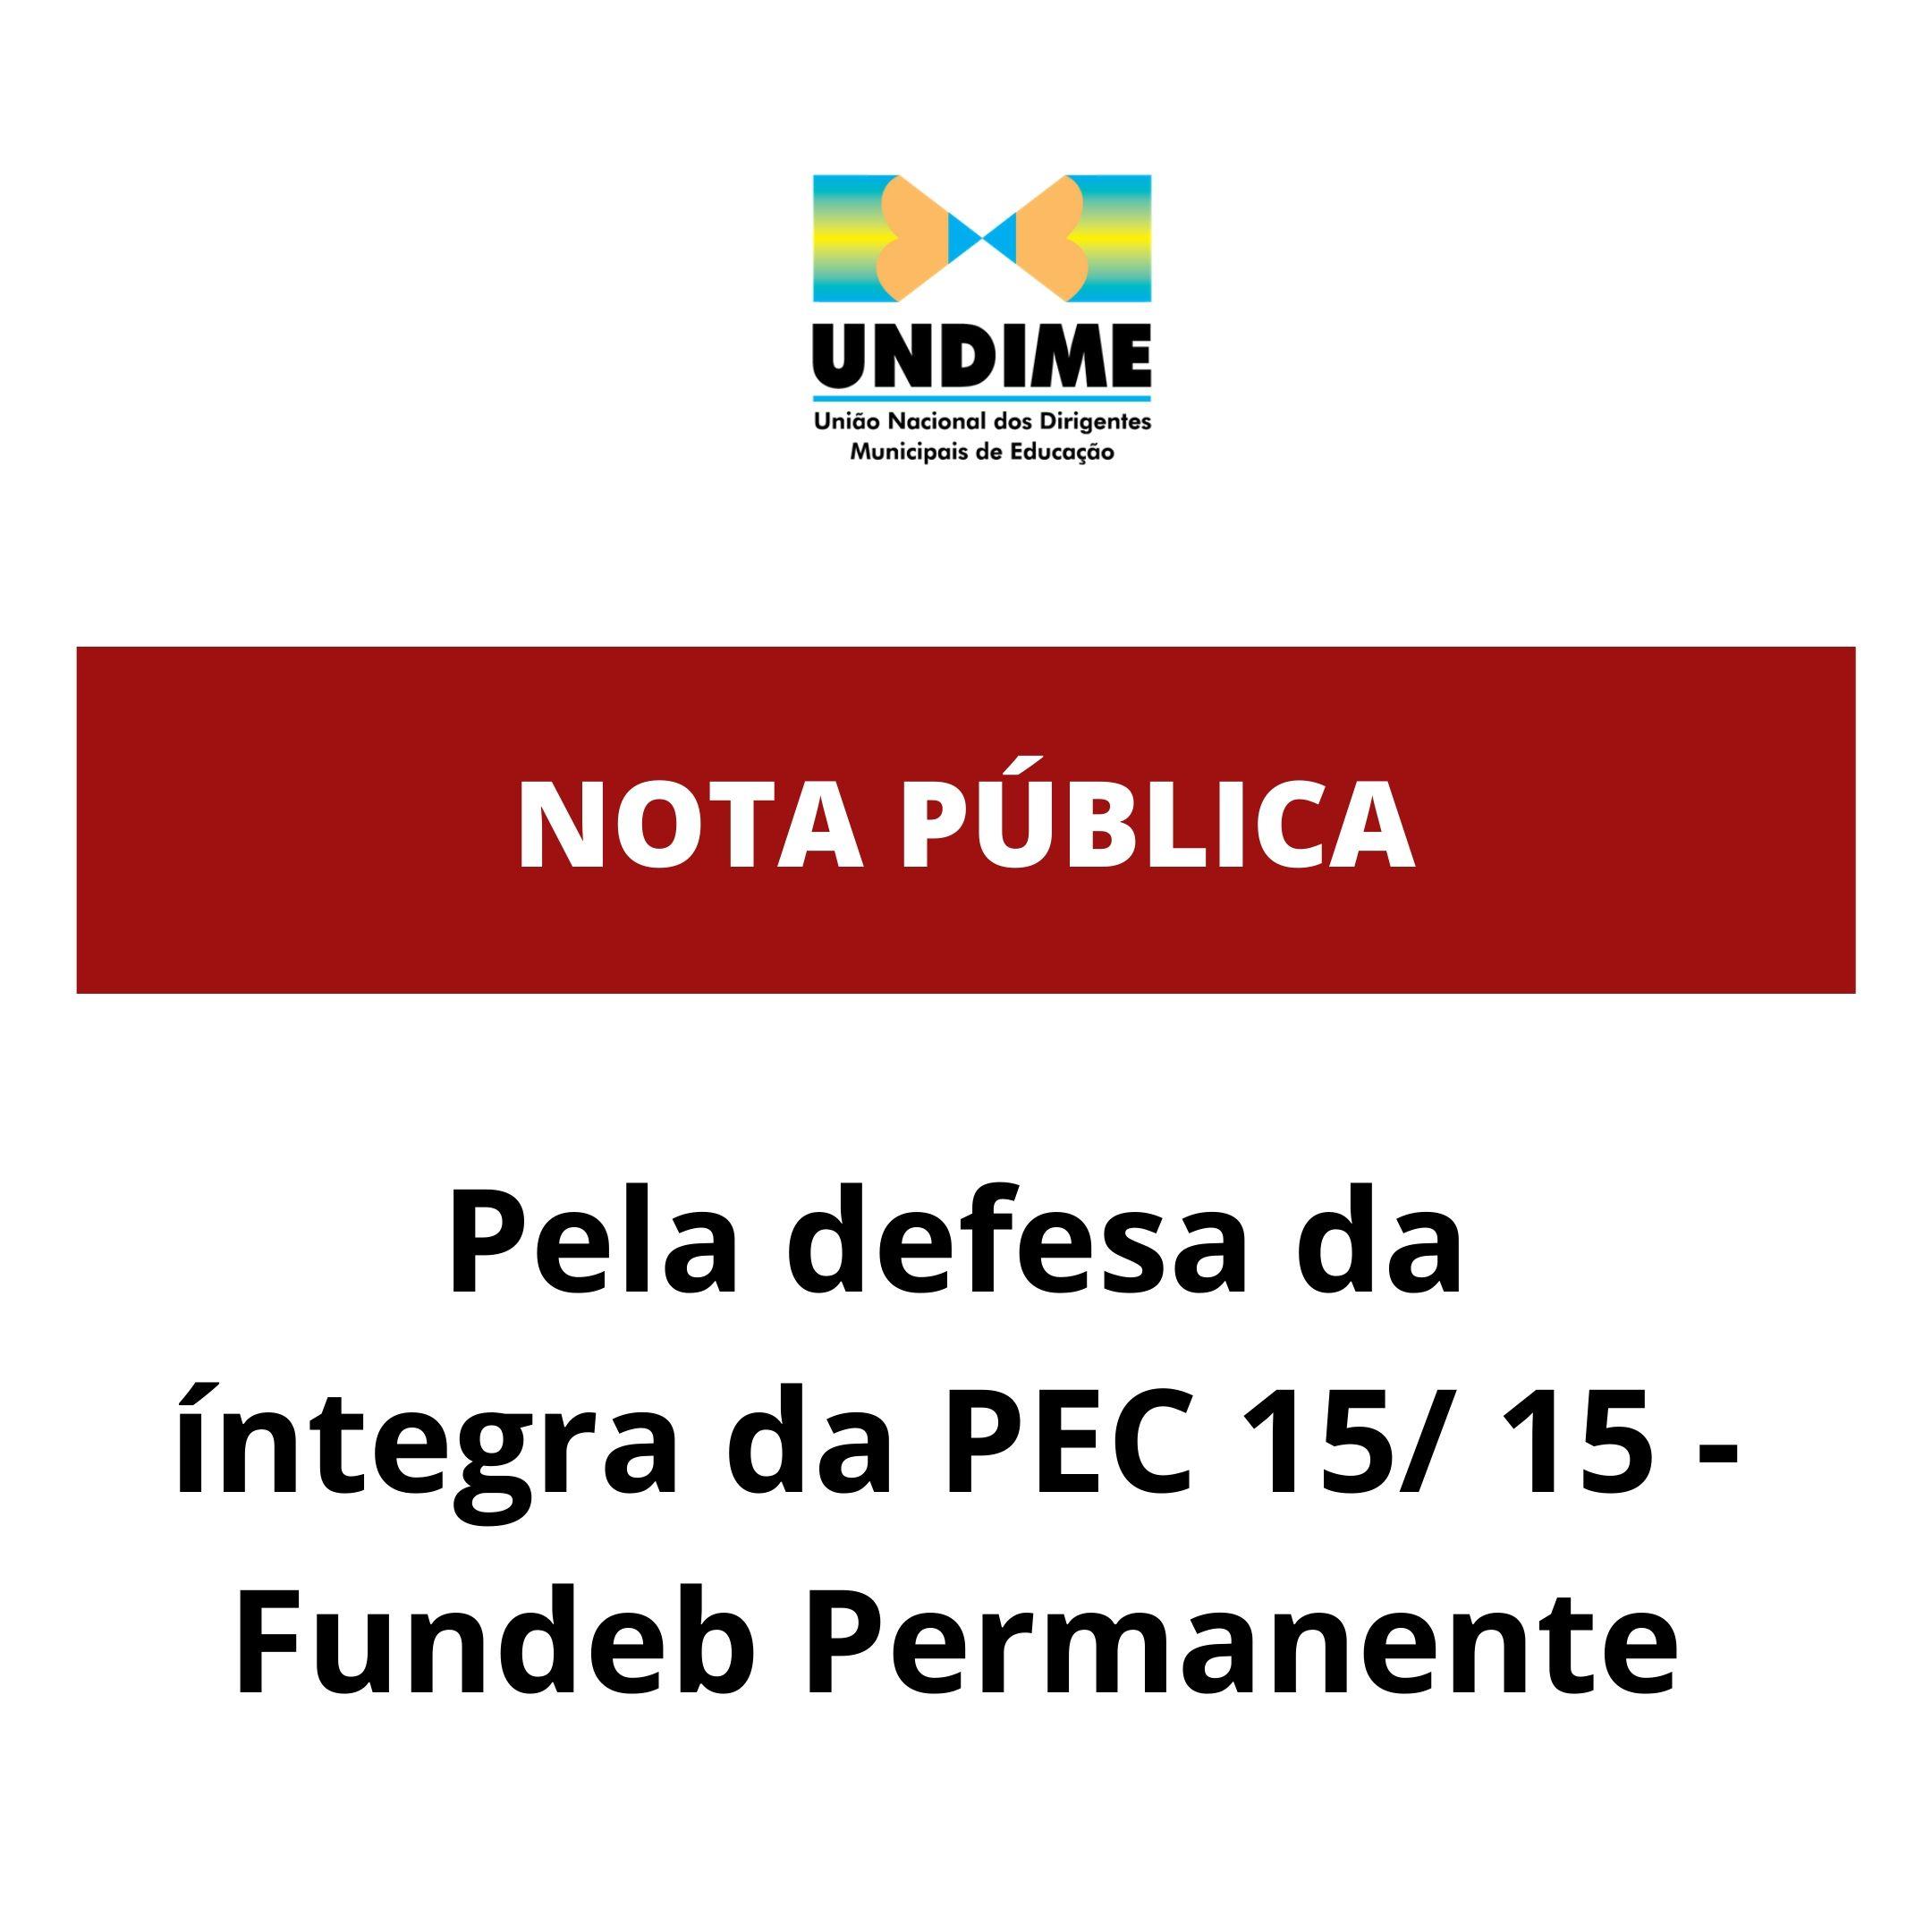 Nota Pública: Pela defesa da íntegra da PEC 15/ 15 - Fundeb Permanente